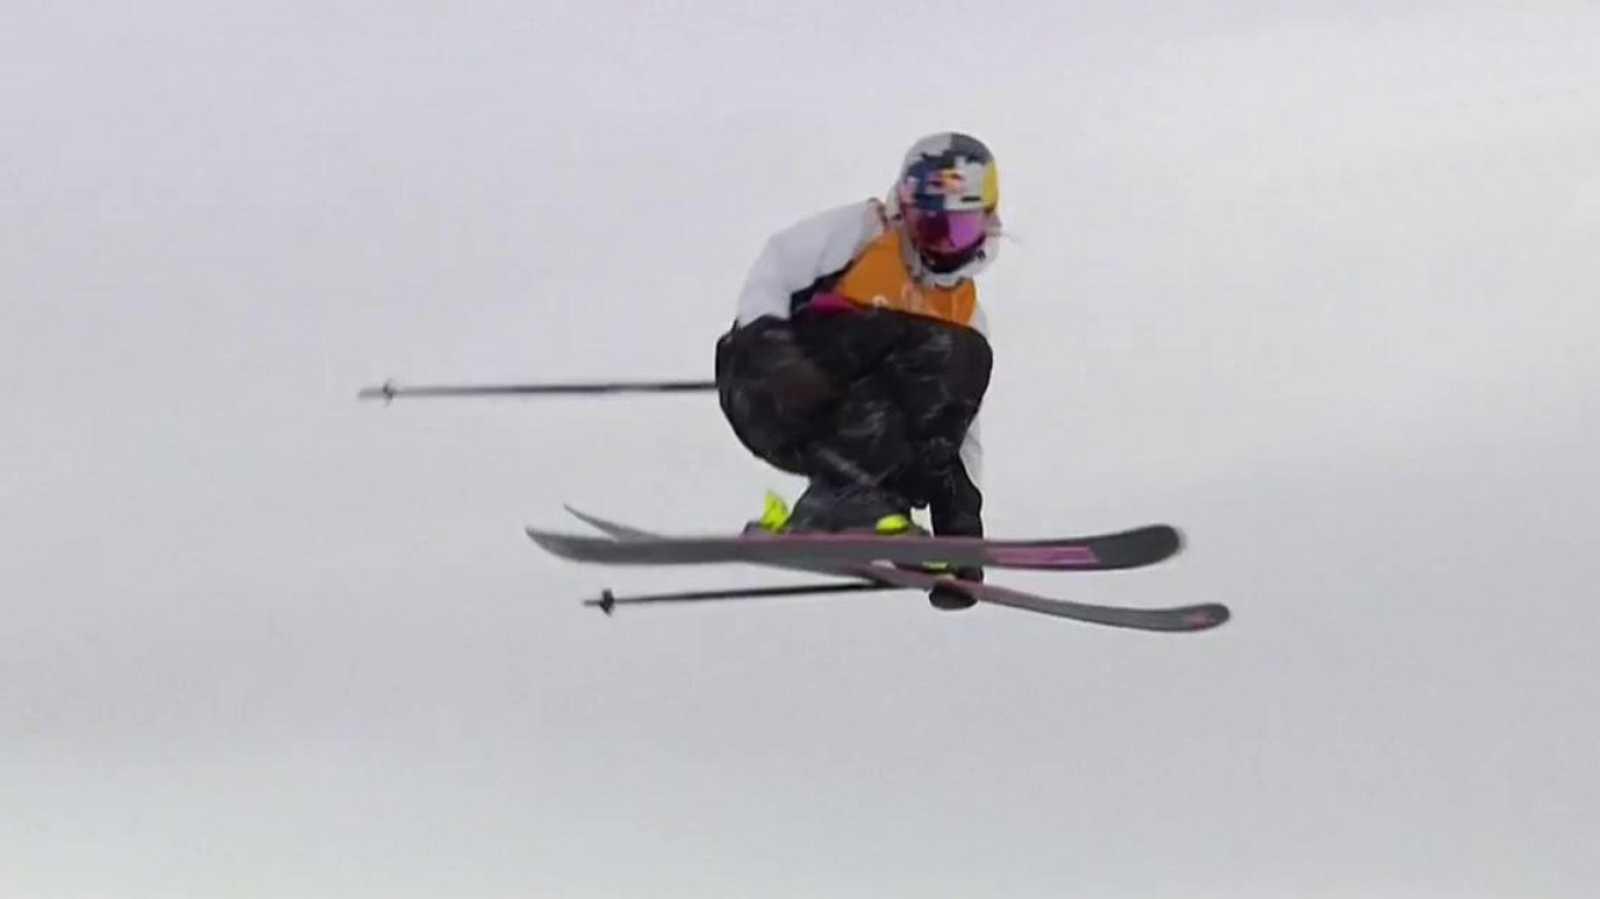 Esquí Freestyle - Copa del Mundo. Finales Slopestyle. Prueba Calgary - ver ahora